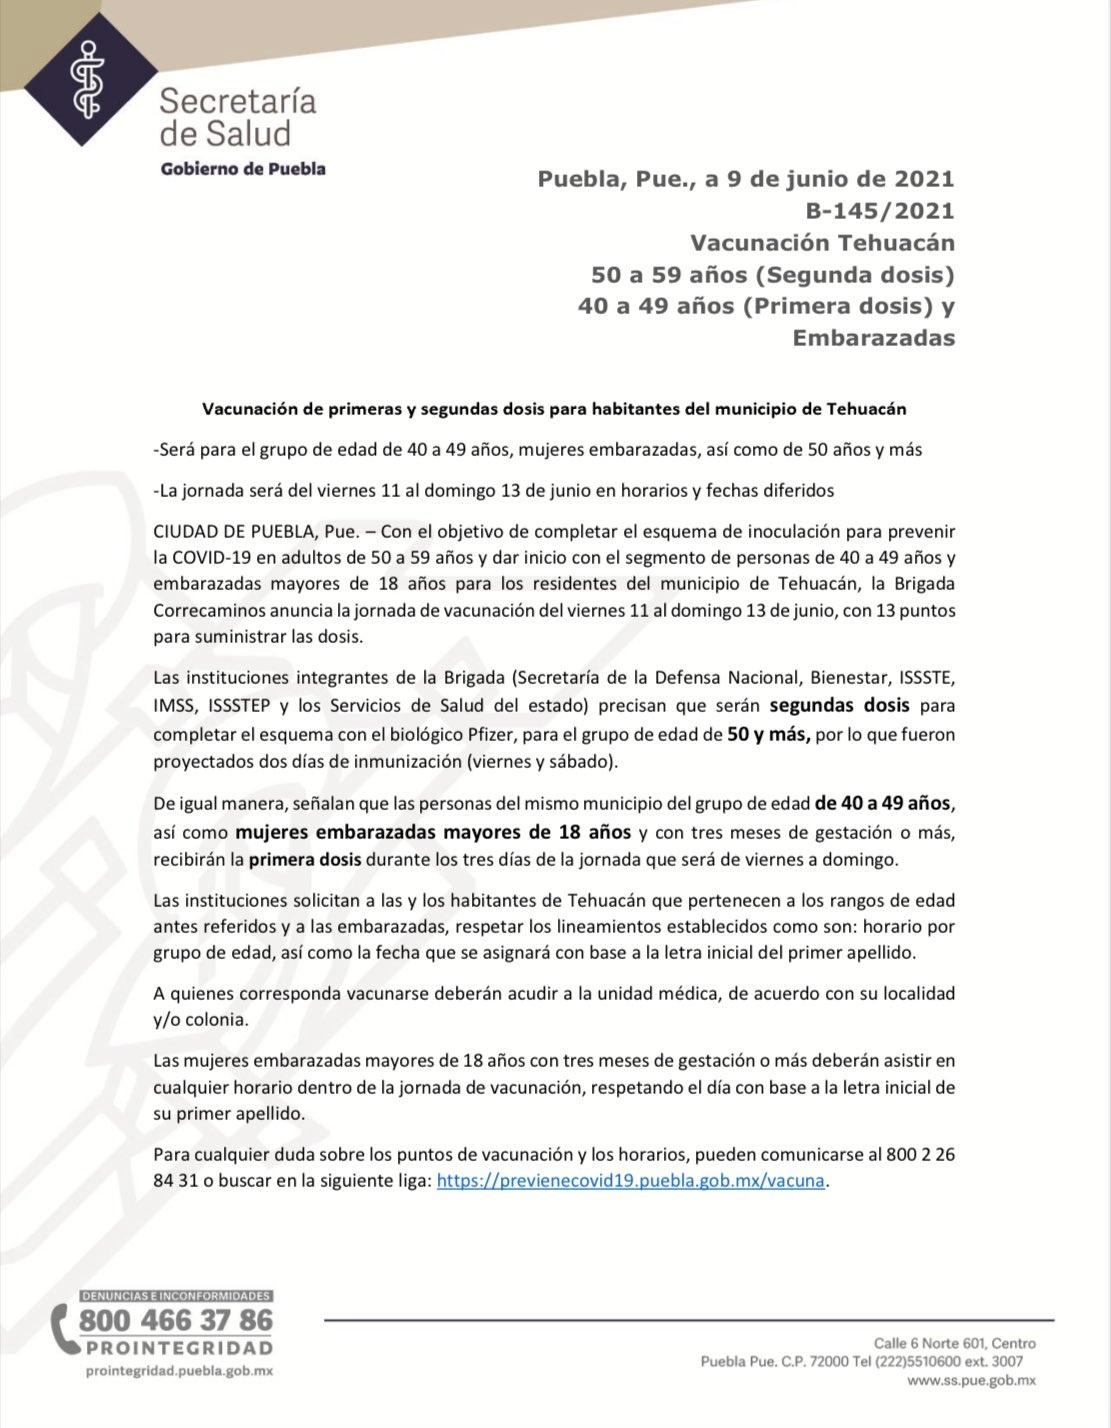 CENTROS DE VACUNACIÓN CONTRA COVID Y LUGARES QUE ATENDERÁN EN TEHUACÁN A PARTIR DEL VIERNES 11 DE JUNIO